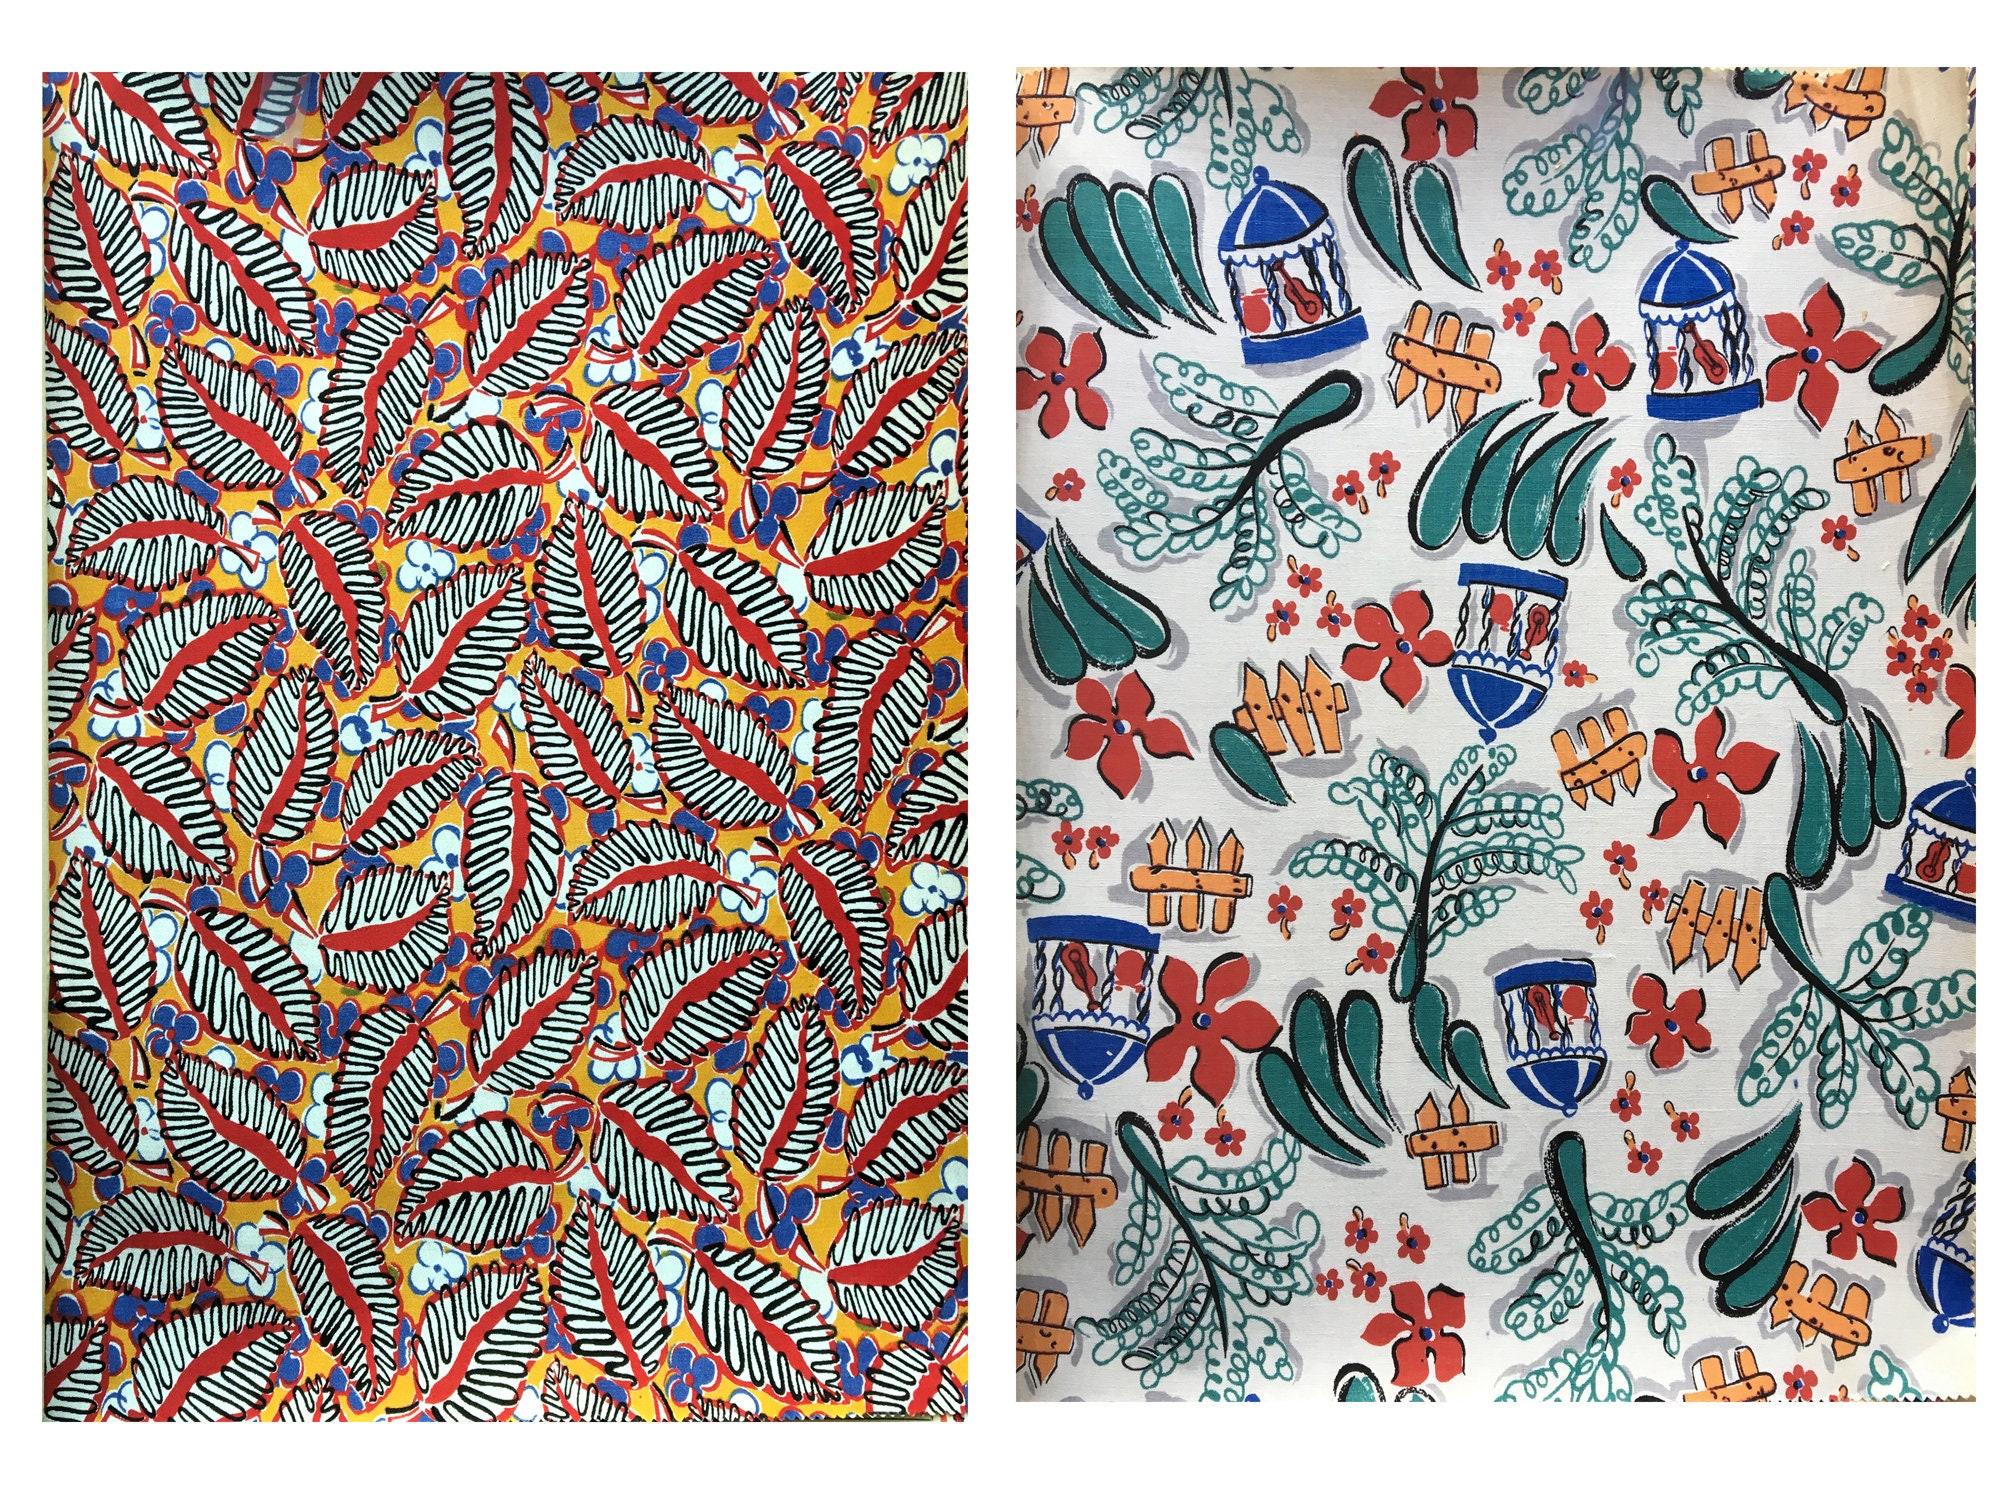 Merveilleux Merveilleux Merveilleux des années 1930 - 1940 ' s imprimé Français coton tissu Collection - (839) 20 dessins 81202b